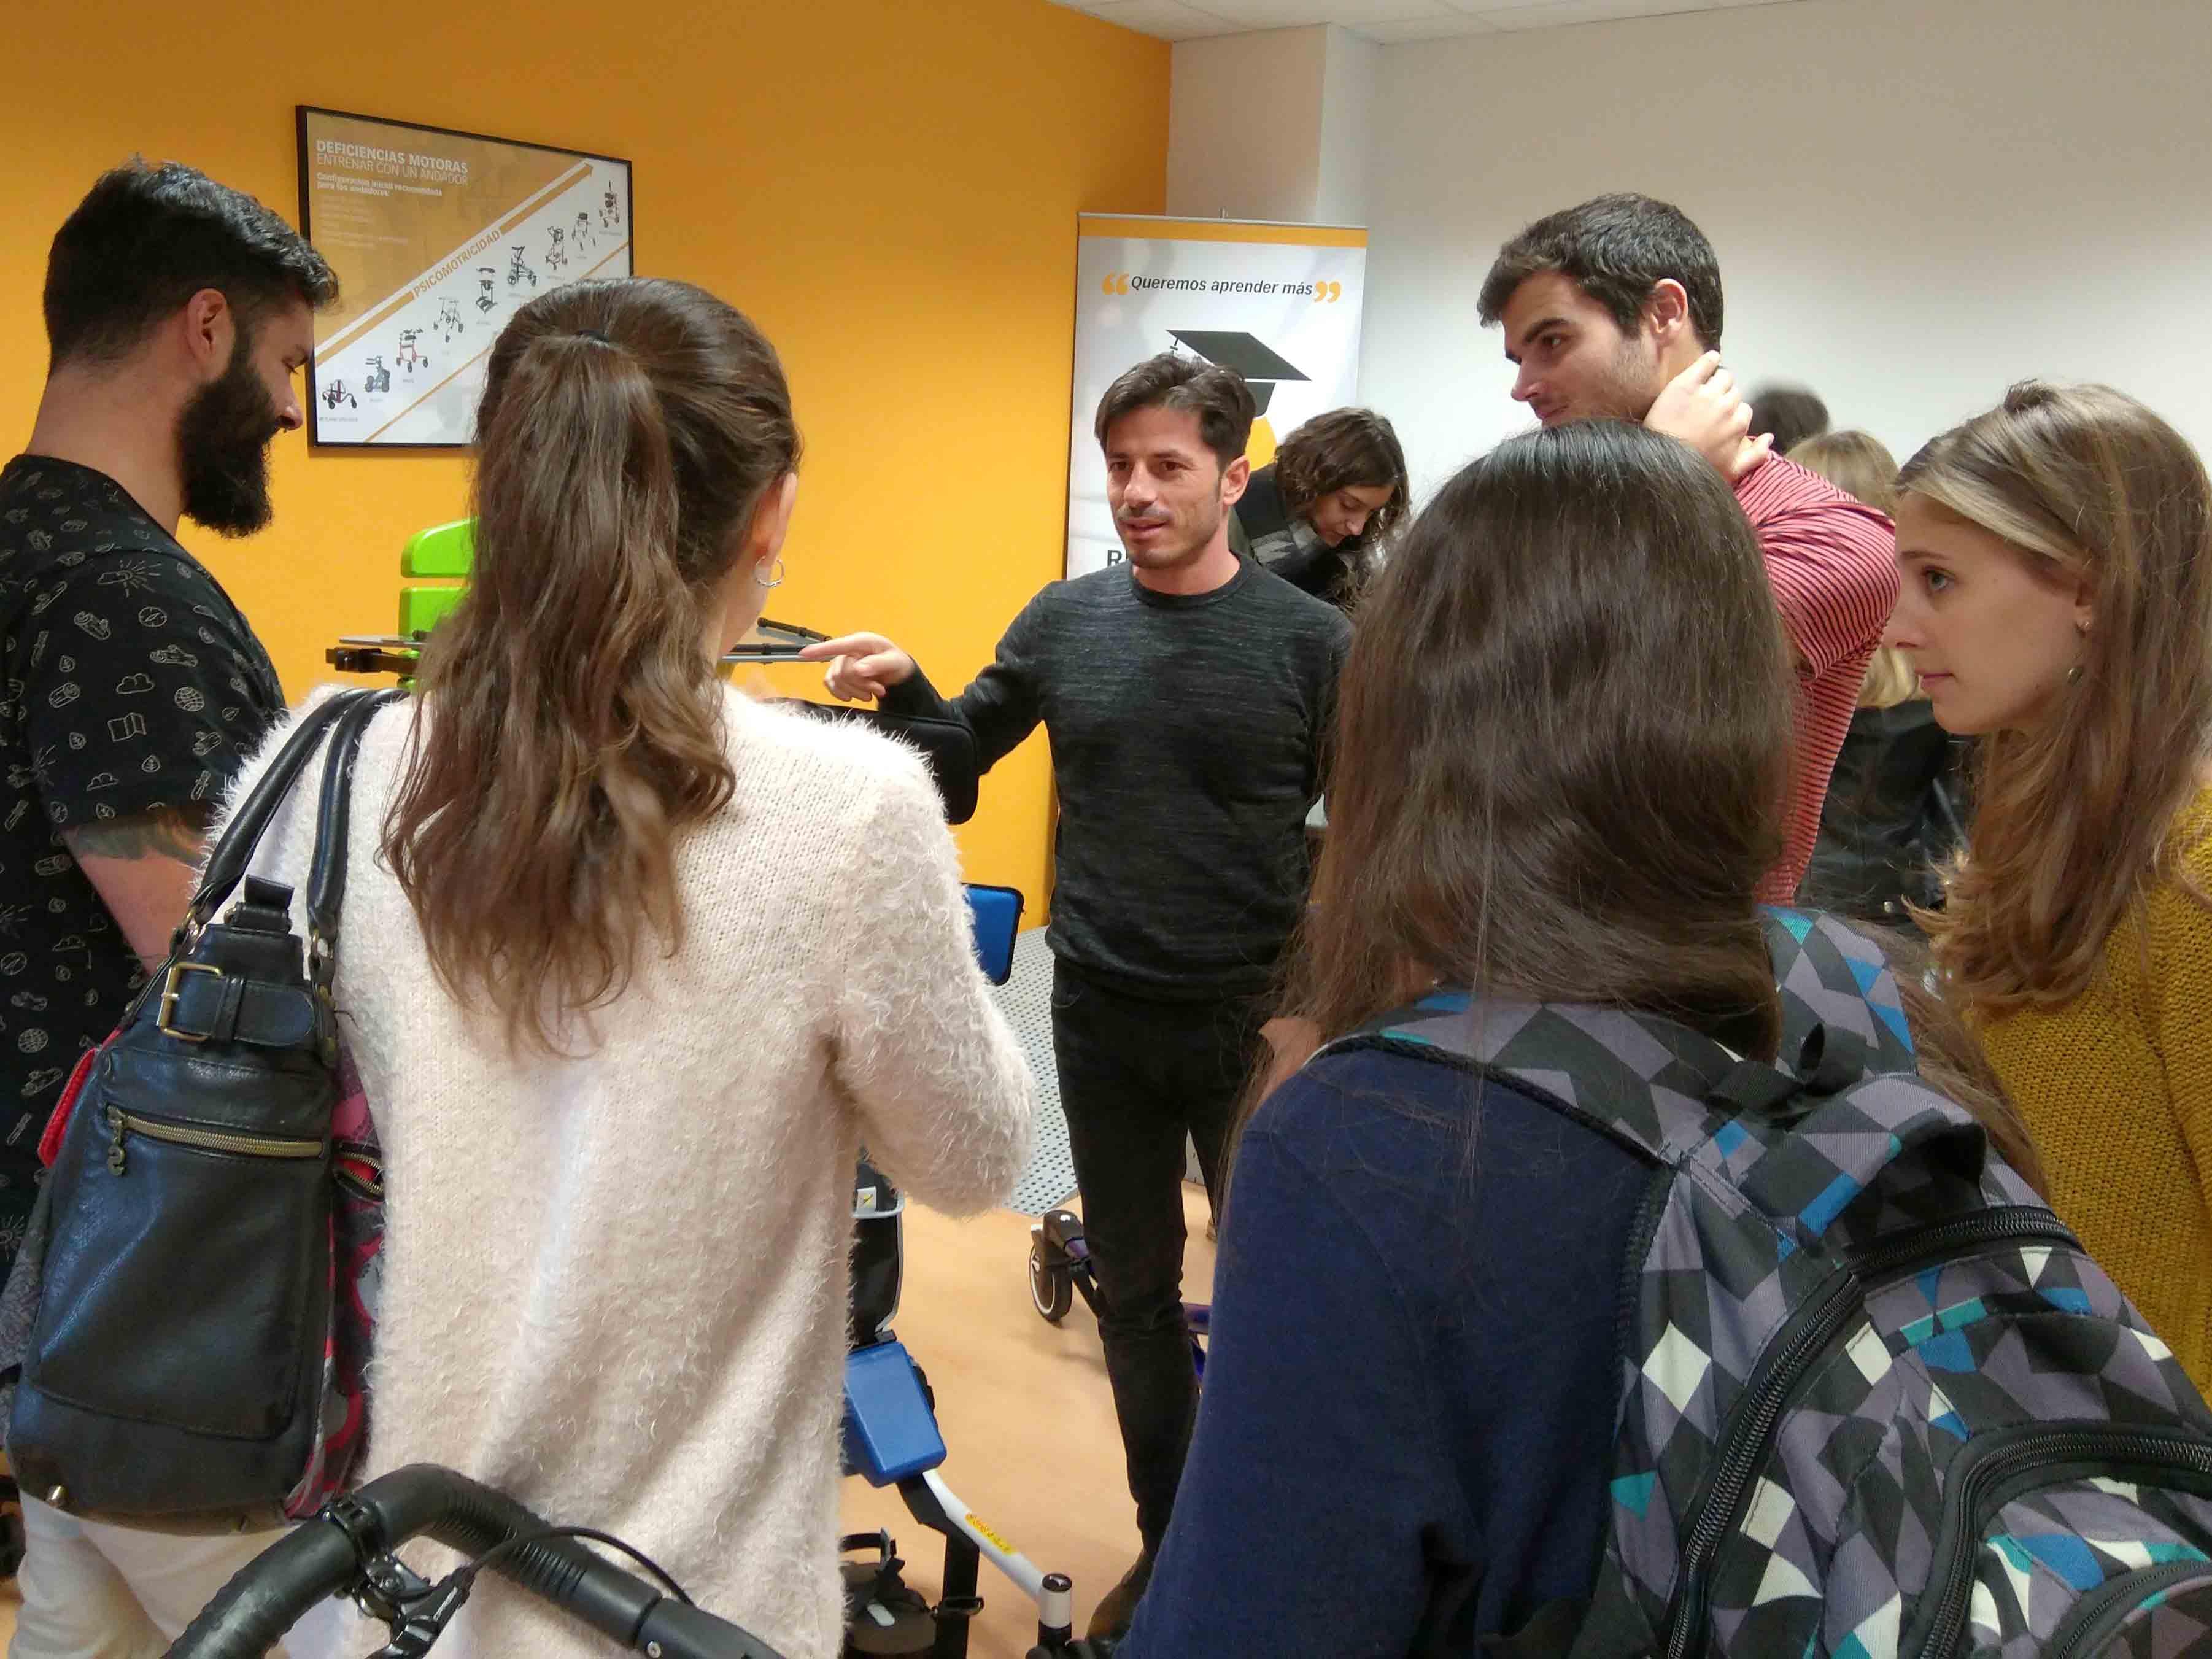 Els alumnes de 4t Curs del Grau de Fisioteràpia de l'EUSES visiten les nostres instal·lacions